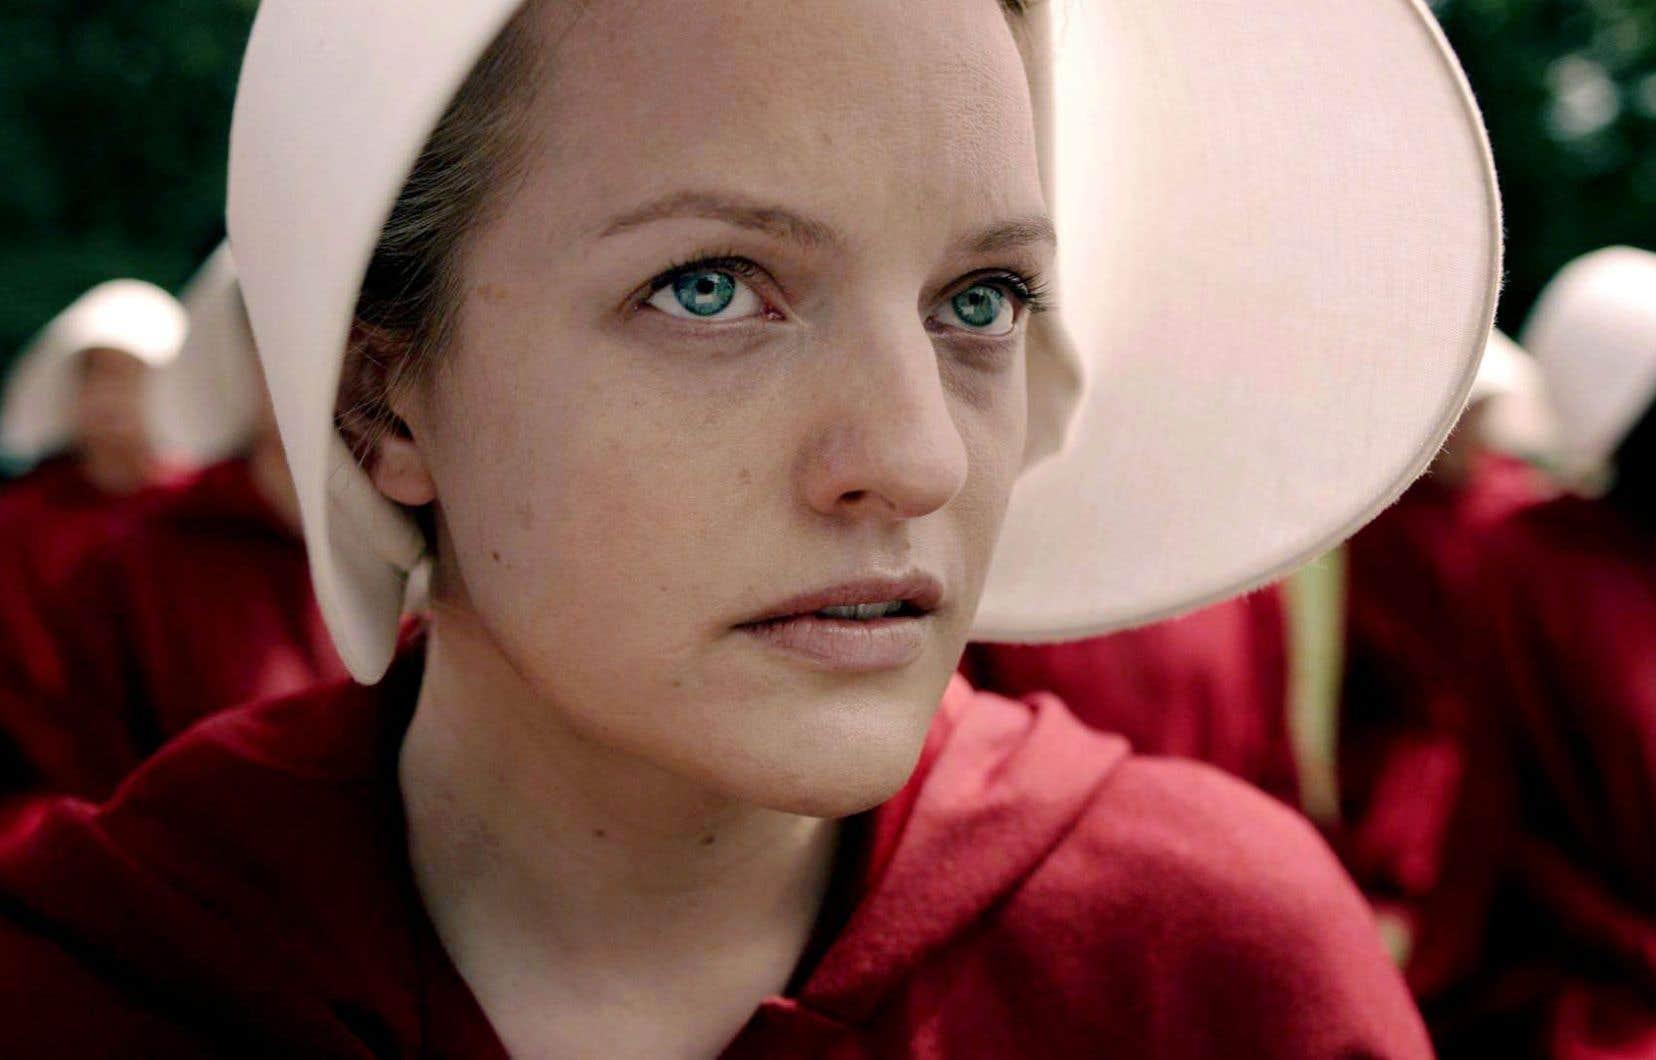 Dans l'univers de Gilead inventé par Atwood dans «The Handmaid's Tale», les femmes n'ont plus de voix. Elles ne sont que fonction.